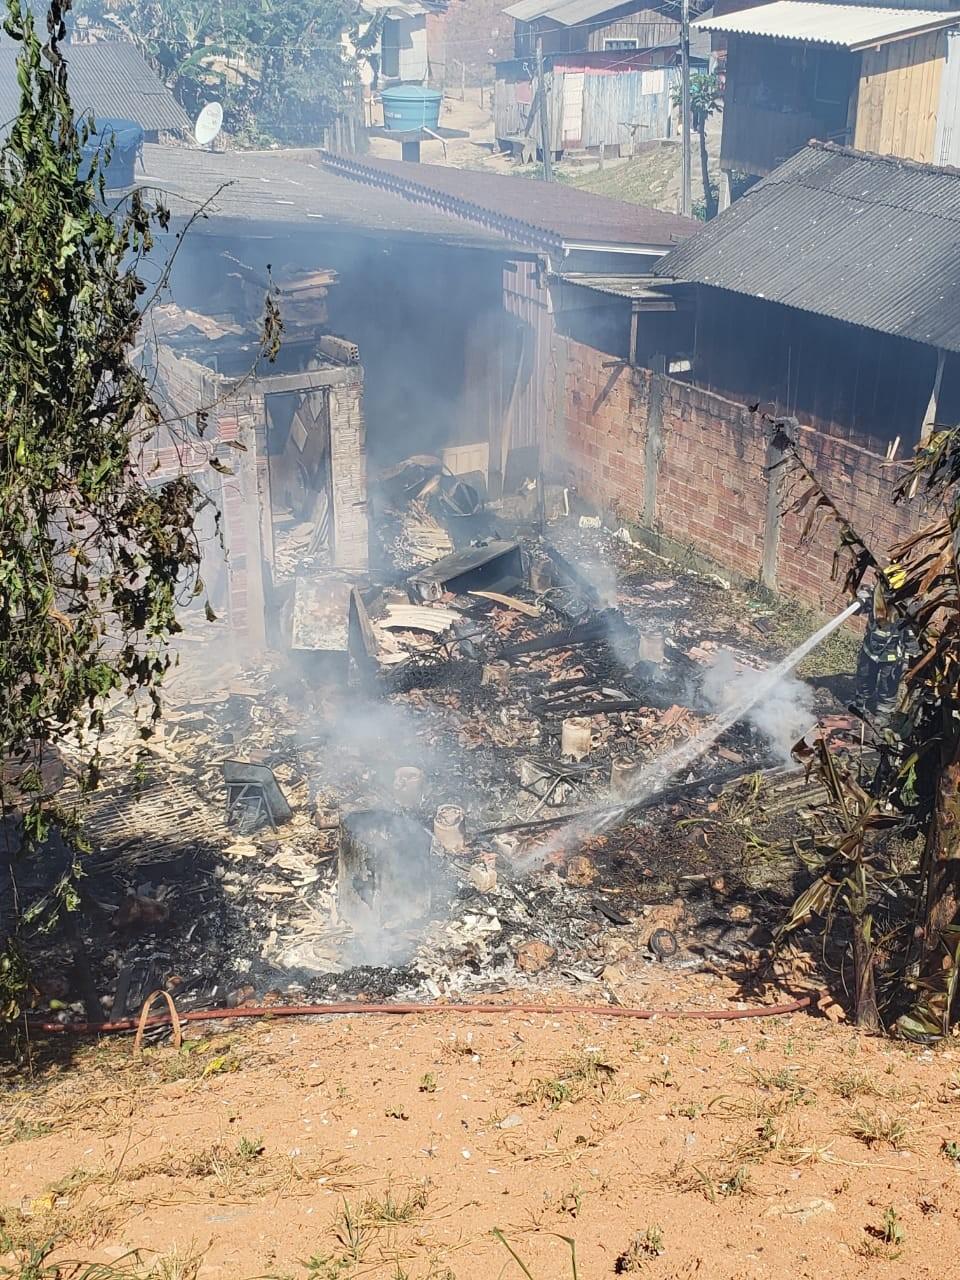 Casa fica destruída em incêndio na Grande Florianópolis - Noticias